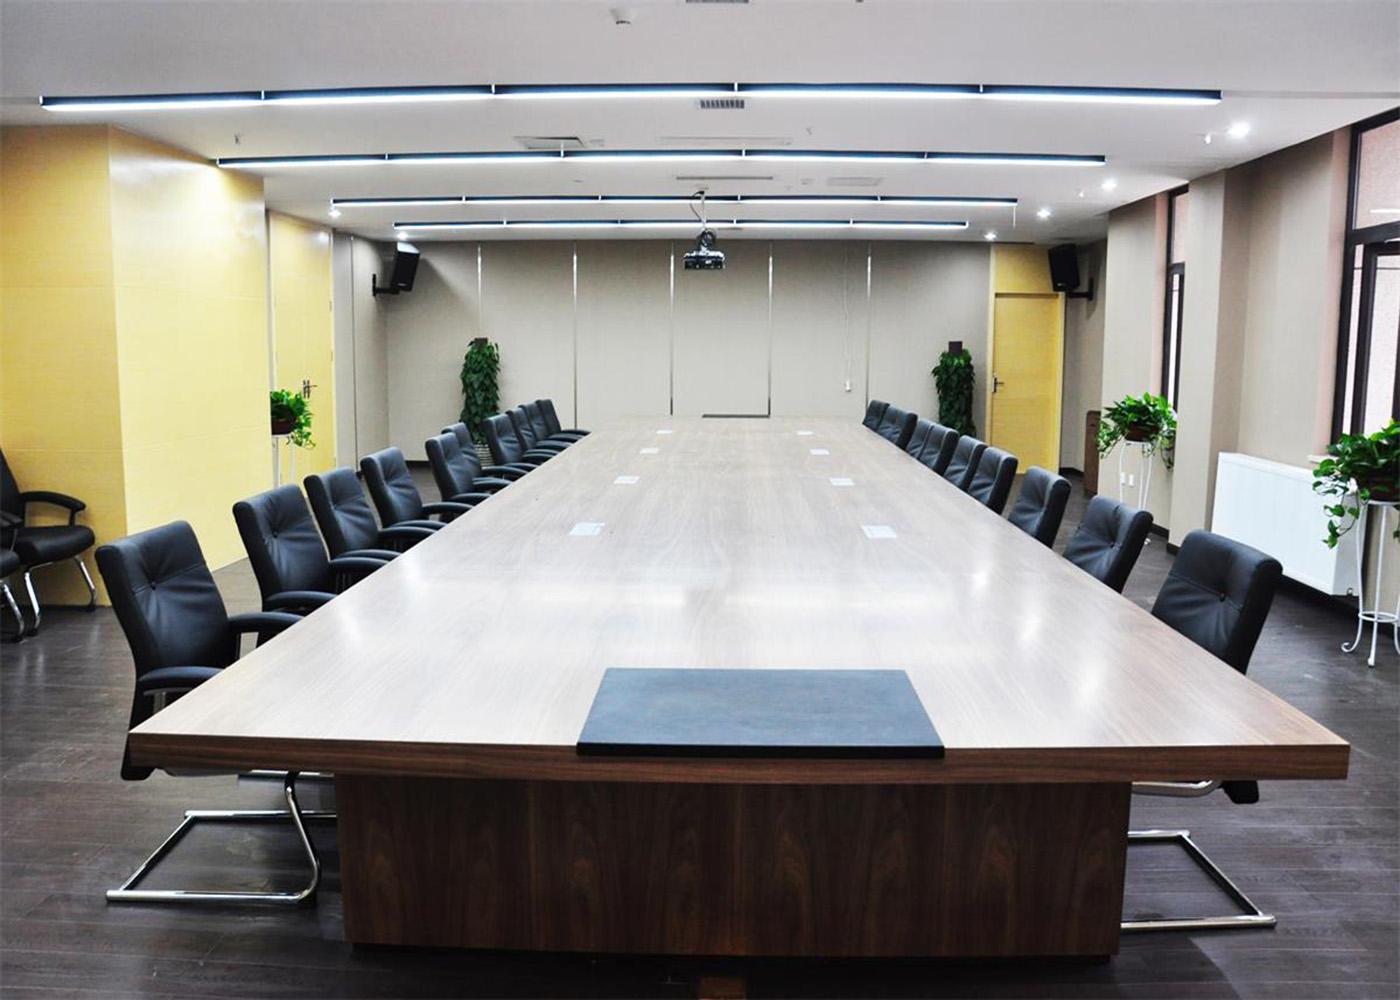 雷蒂斯会议桌A19,上海会议桌,【尺寸 价格 图片 品牌】